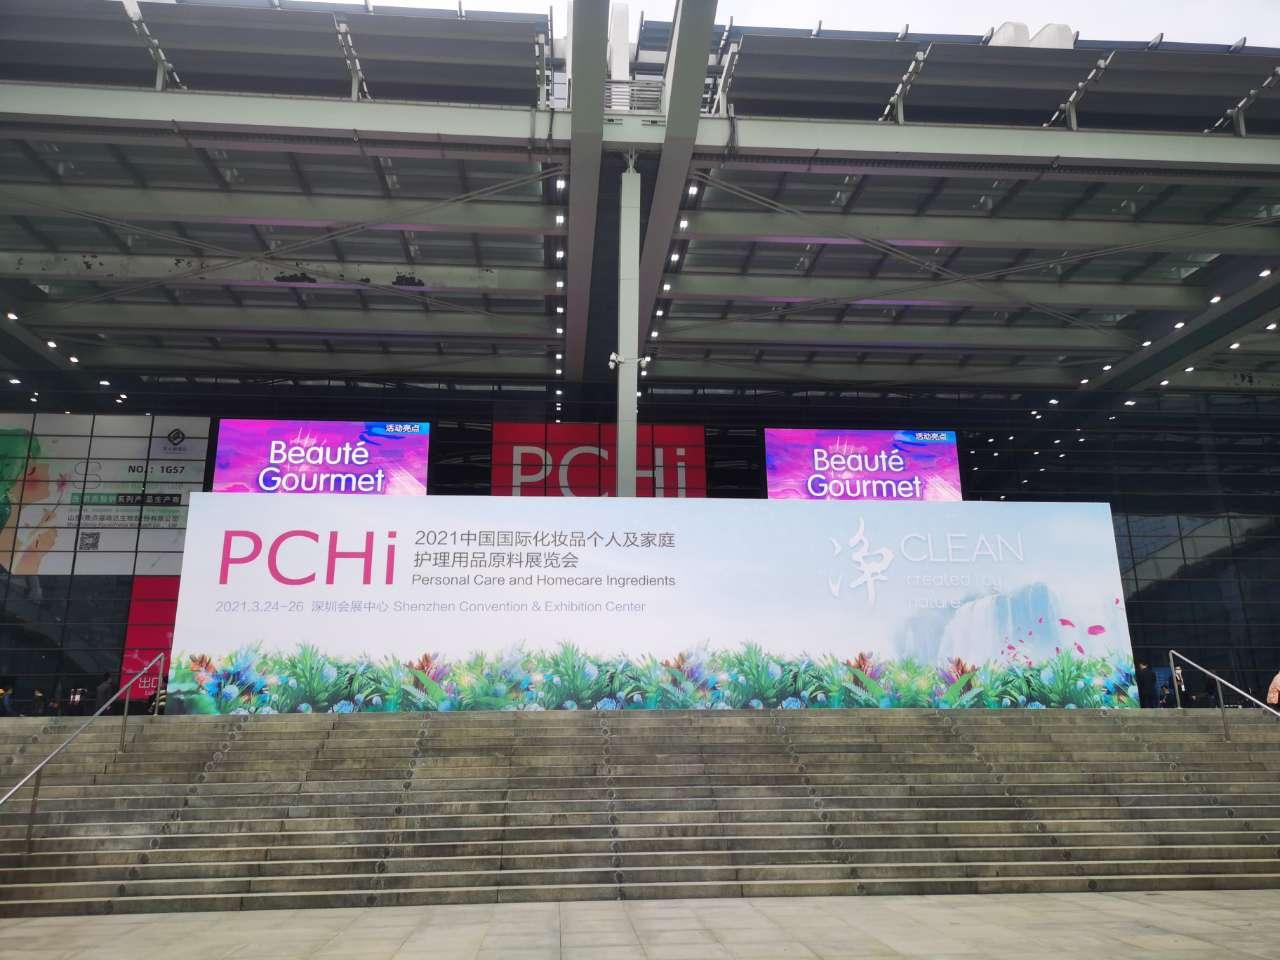 美丽重逢 共话未来丨唯铂莱参加2021年度PCHI